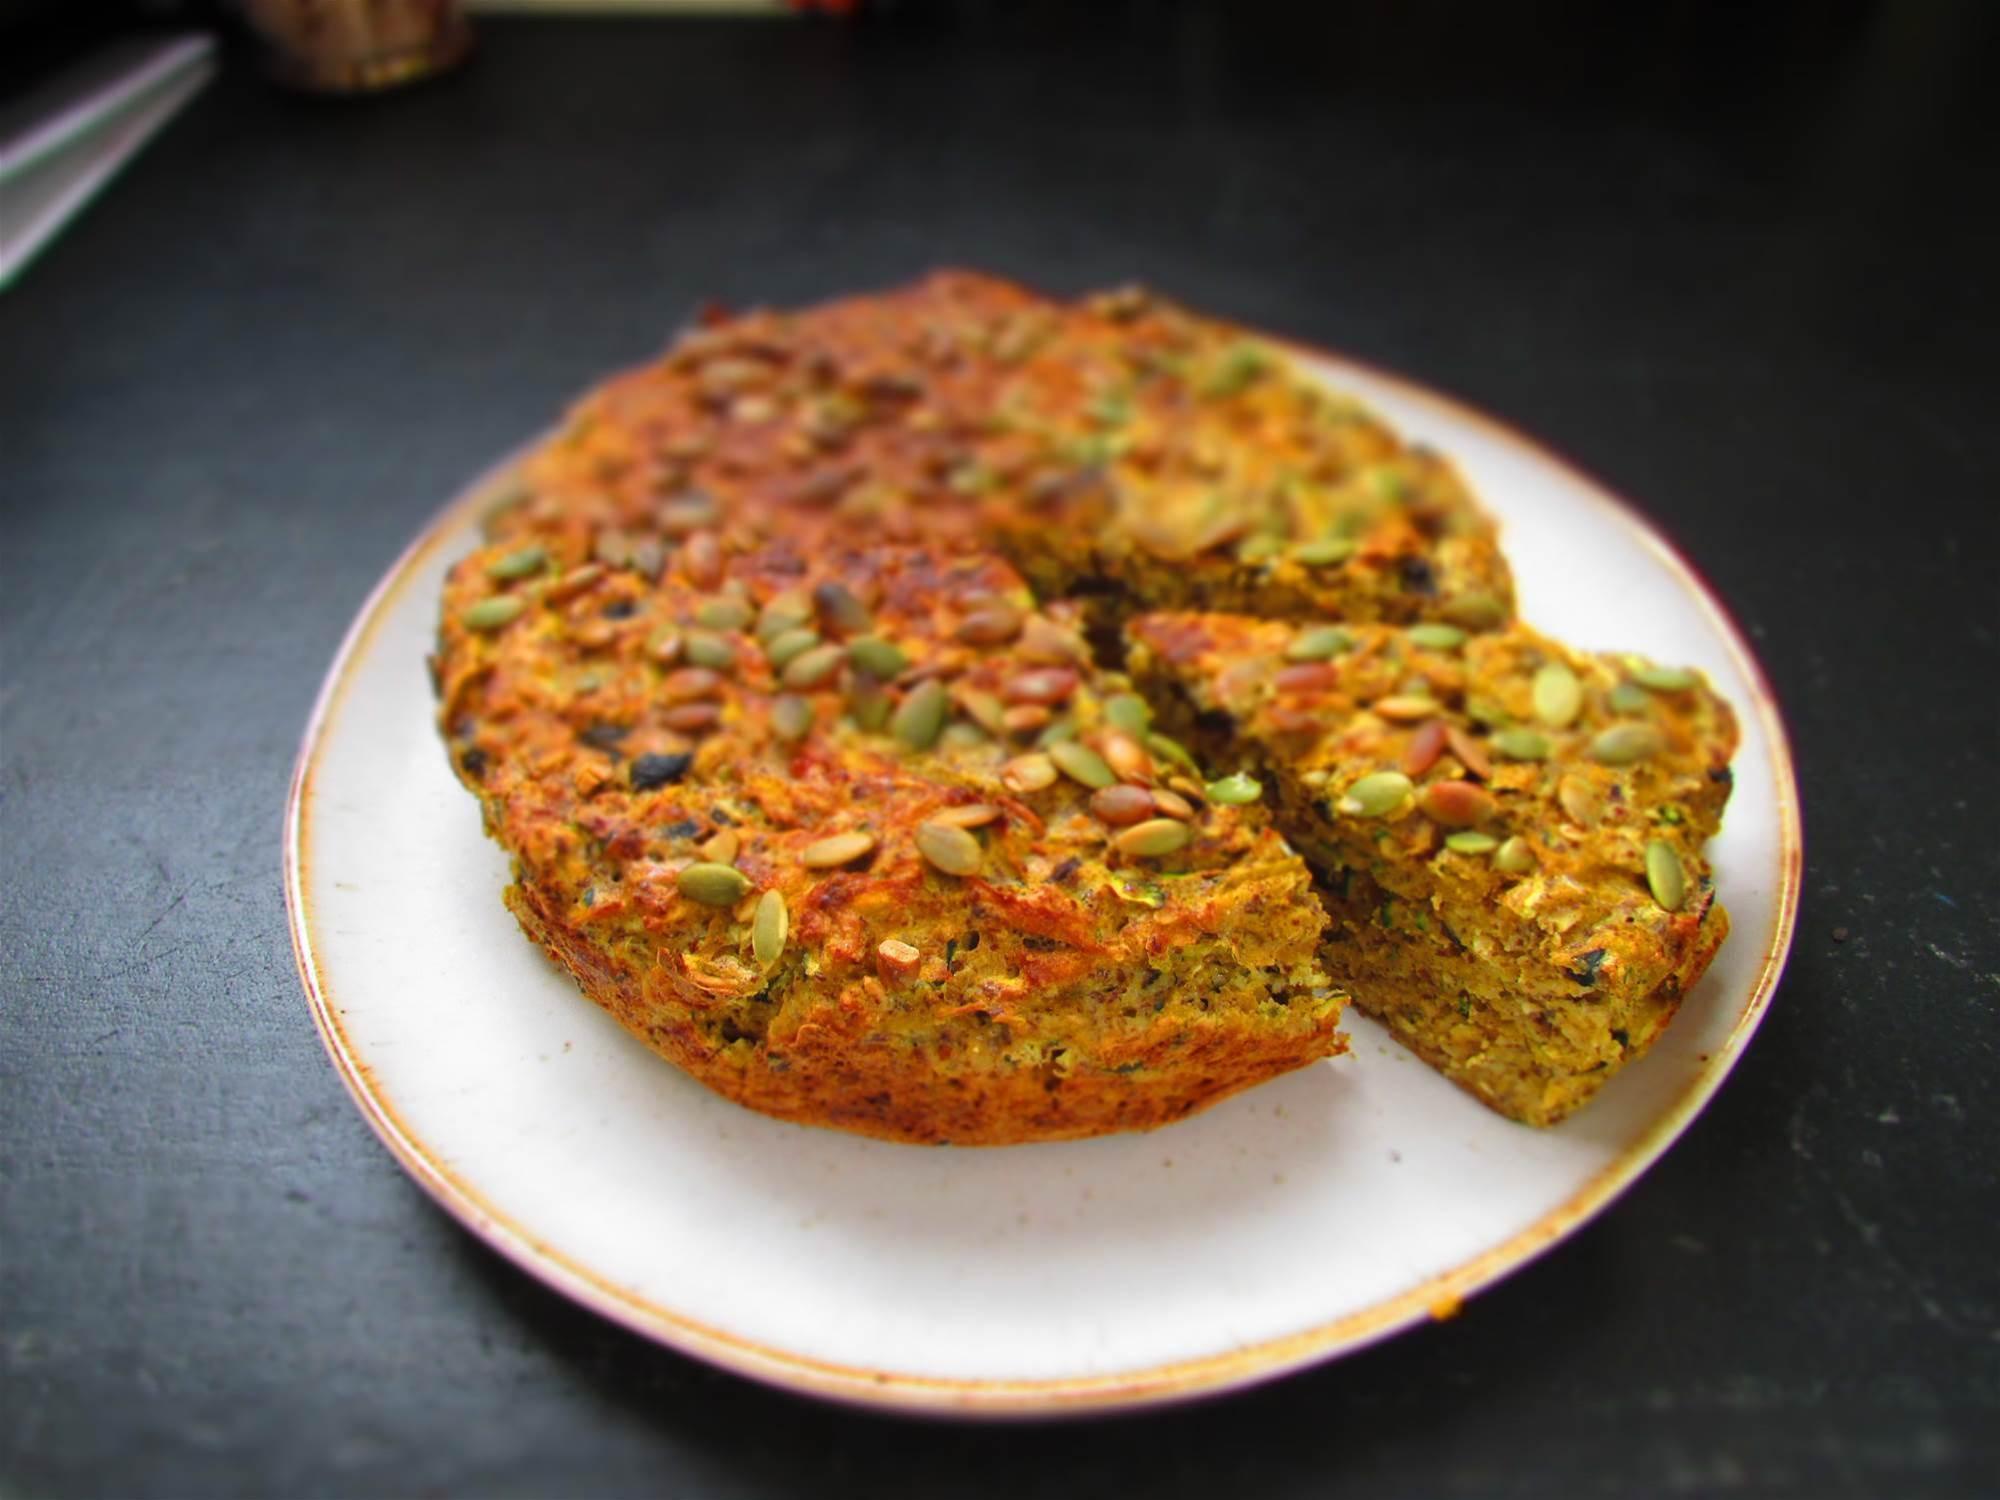 RECIPE: Pumpkin, Zucchini and Olive Cake